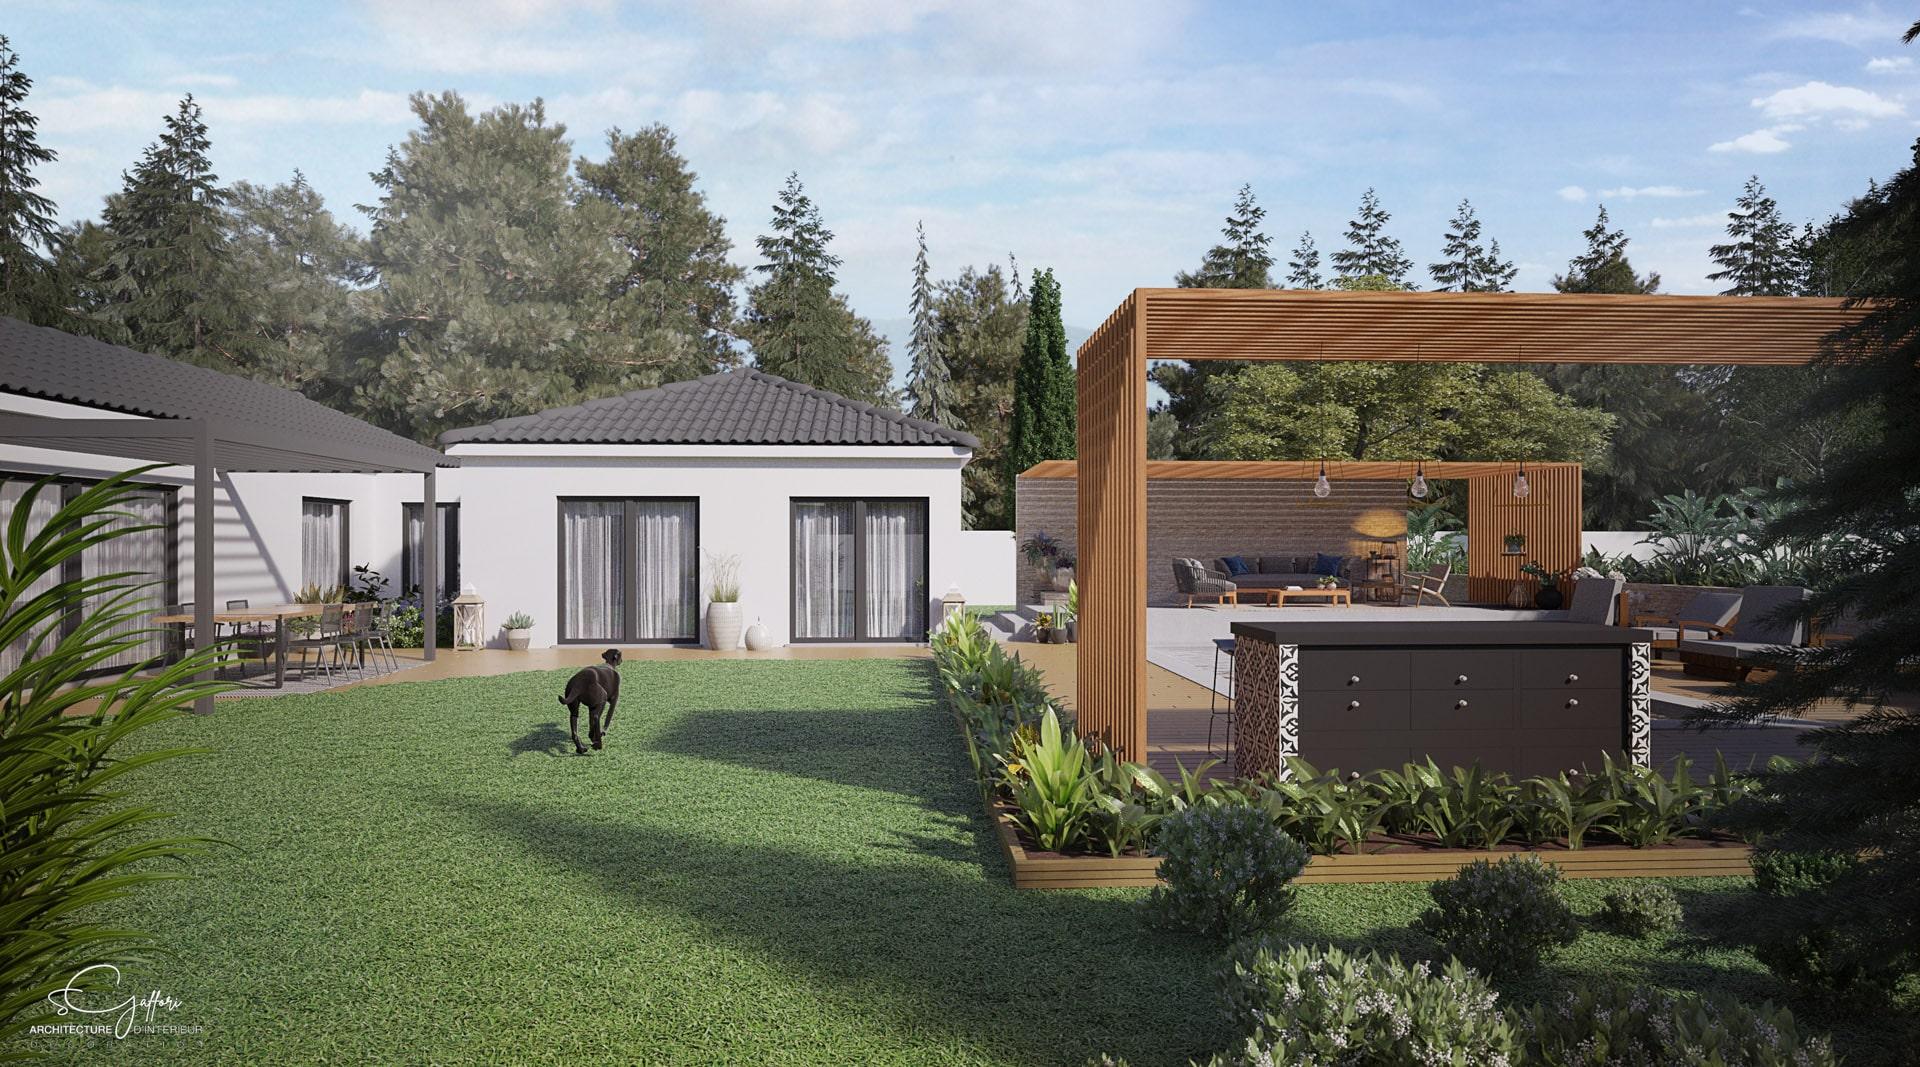 Nature et design à la fois, le jardin est la continuité de la maison, alliant bois et éléments plus modernes.